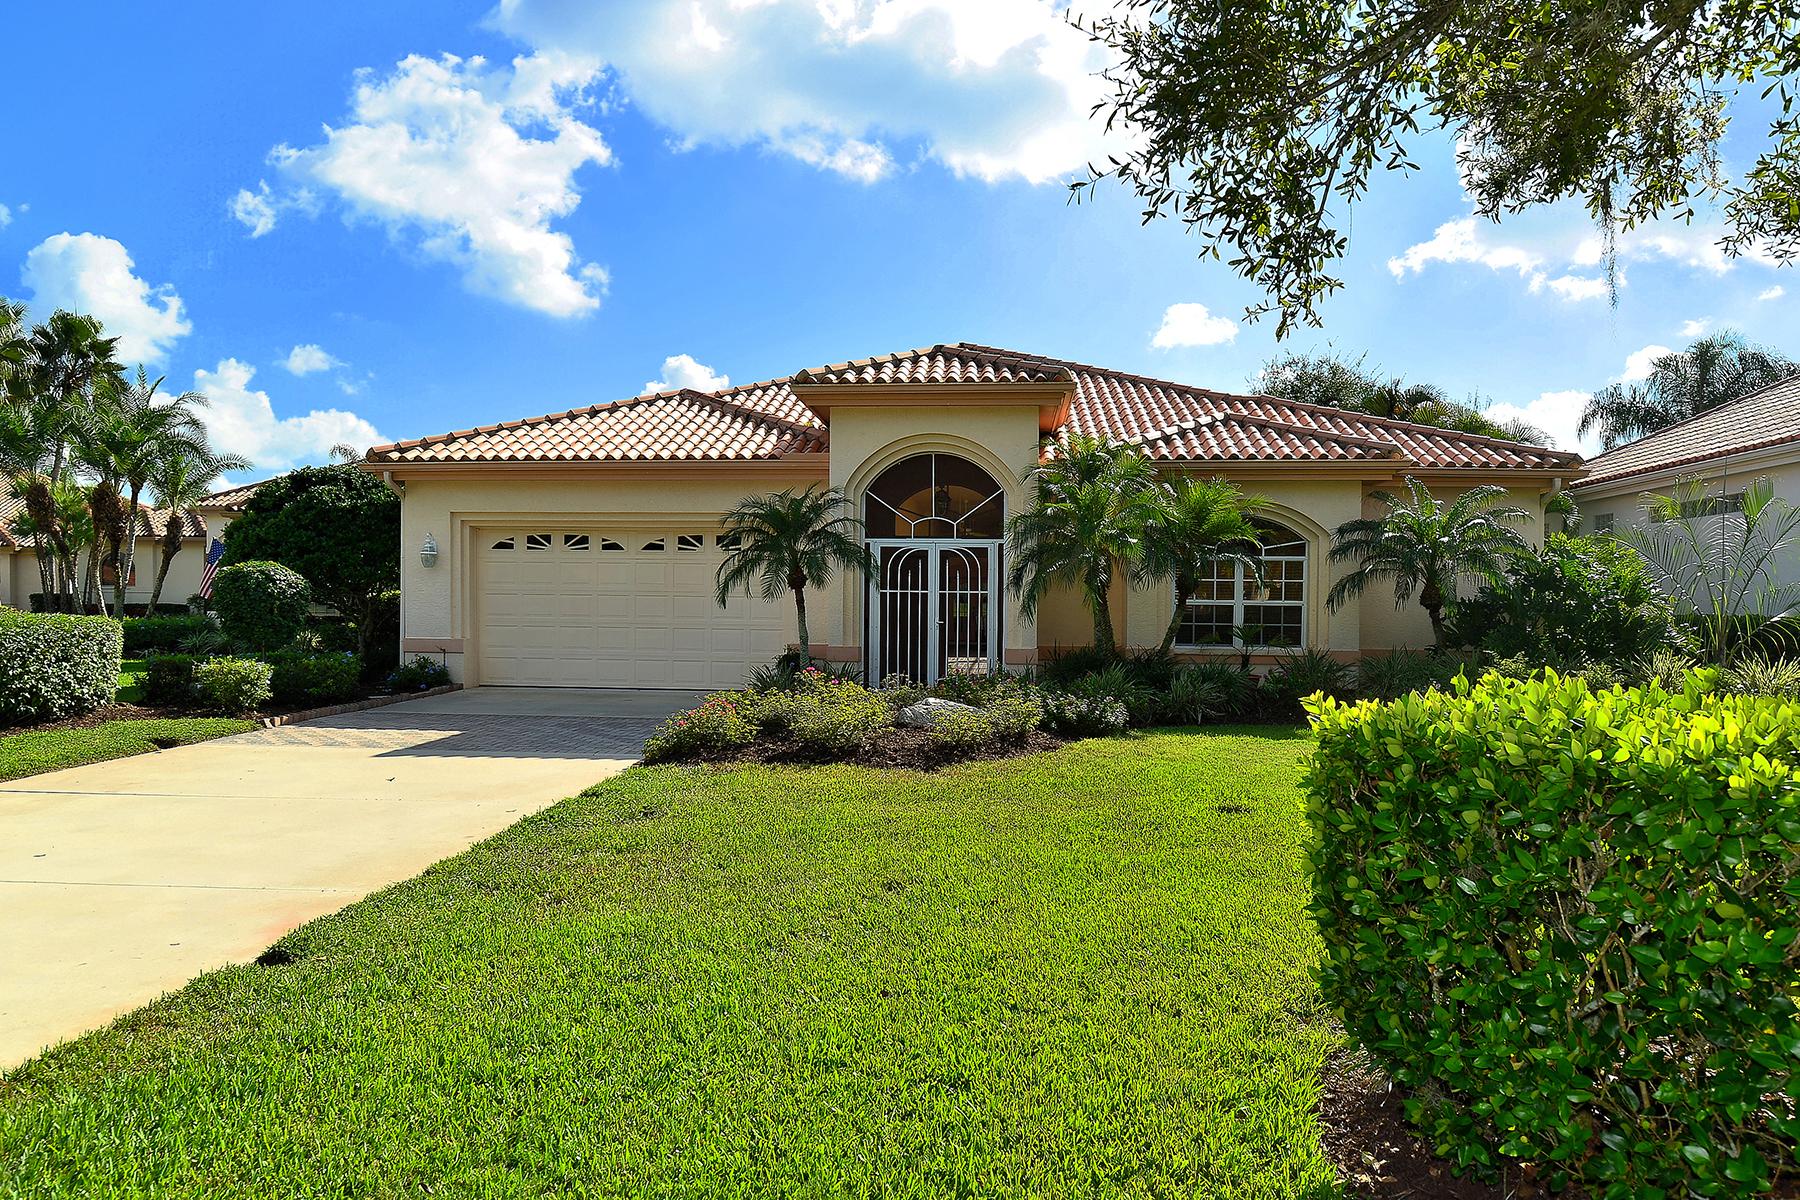 Maison unifamiliale pour l Vente à LAUREL OAK ESTATES 2475 Dick Wilson Dr Sarasota, Florida 34240 États-Unis